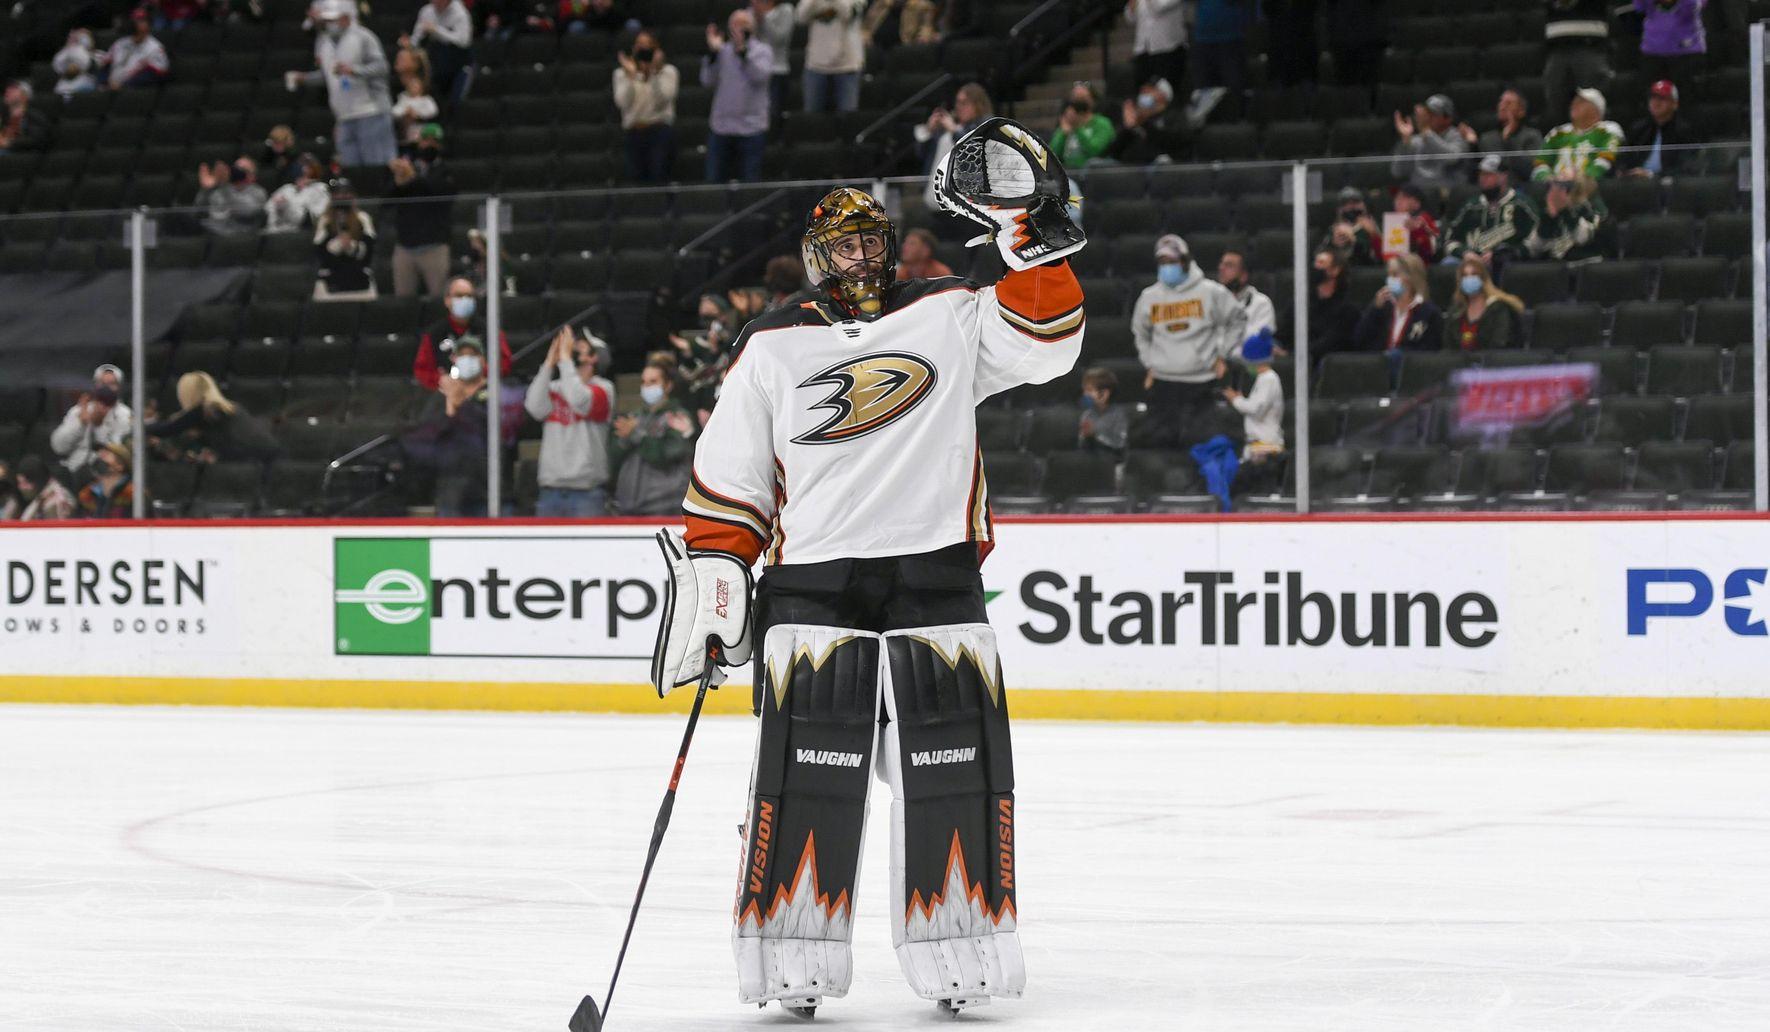 Ducks_wild_hockey_61598_c0-180-4311-2693_s1770x1032